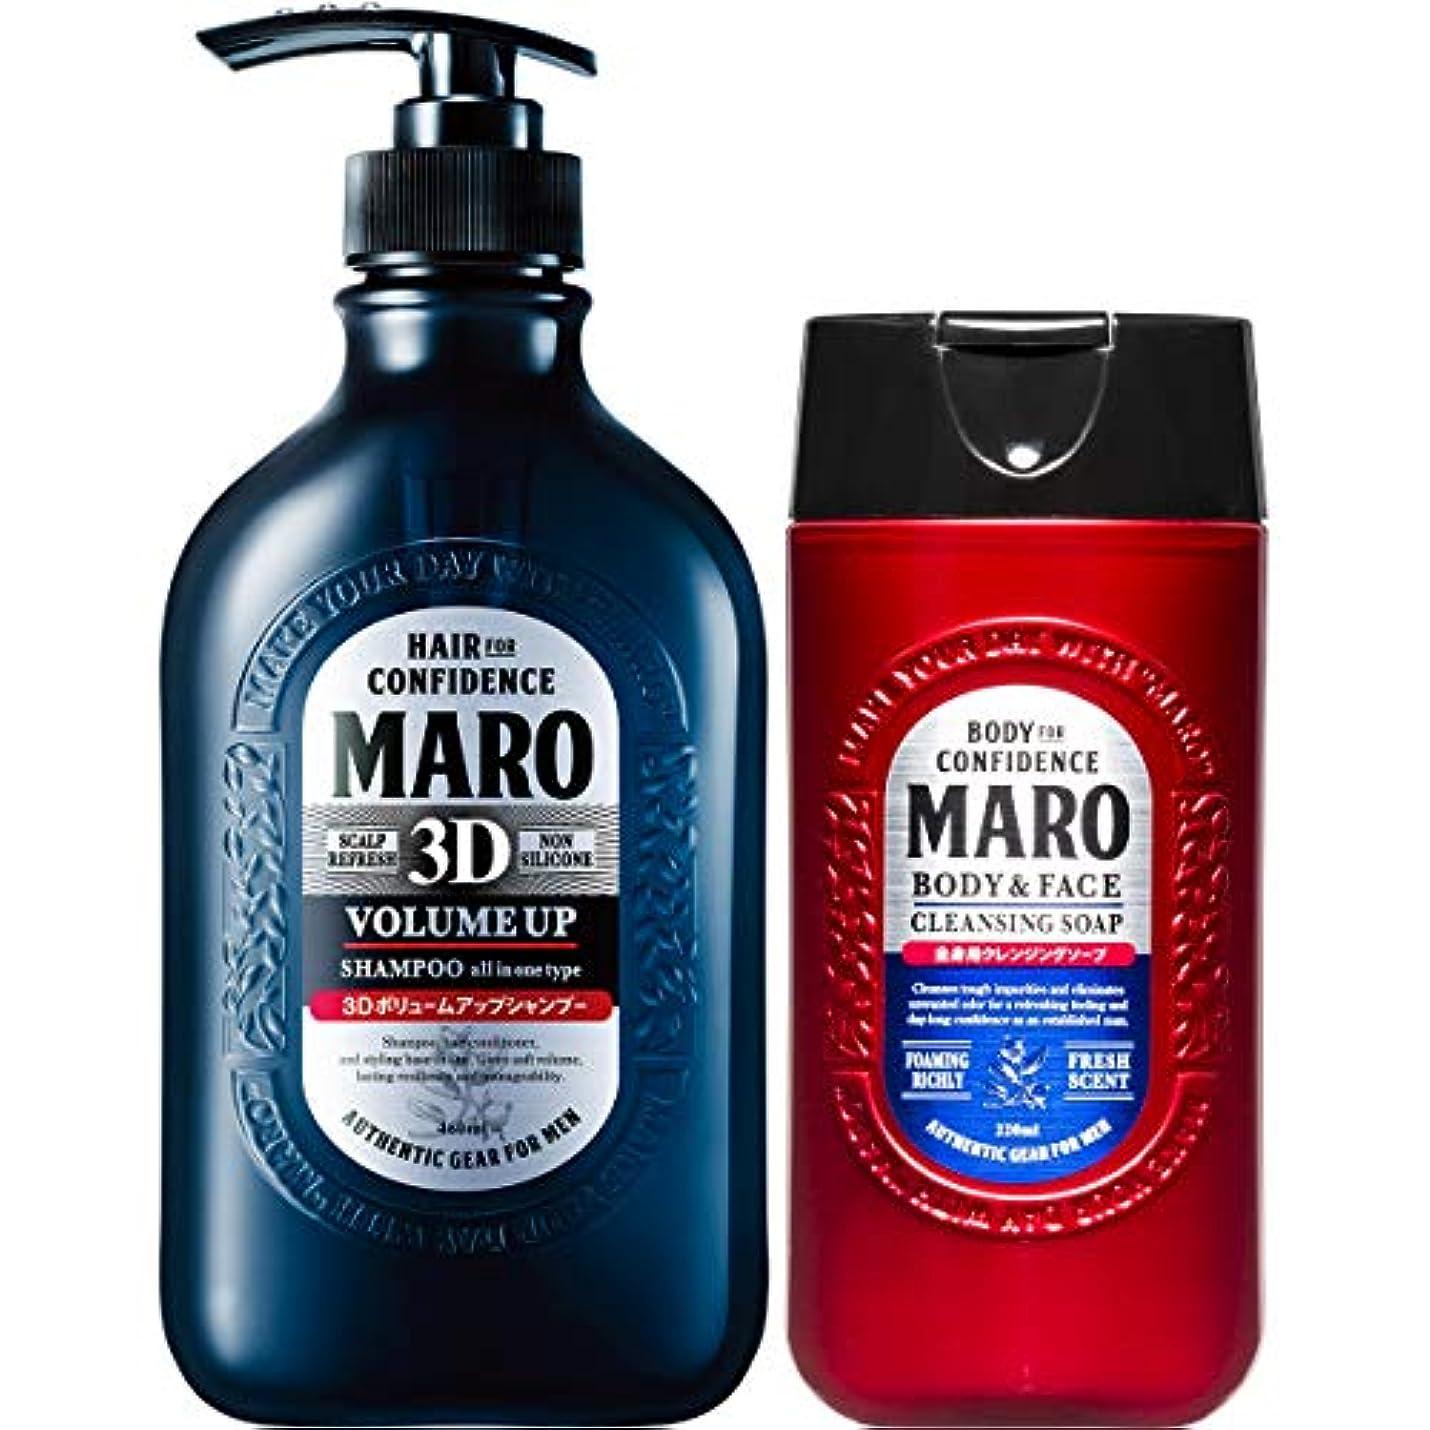 トレードカード感性MARO(マーロ) ボリュームアップシャンプー、クレンジングソープ 本体 460ml+クレンジングソープ220ml